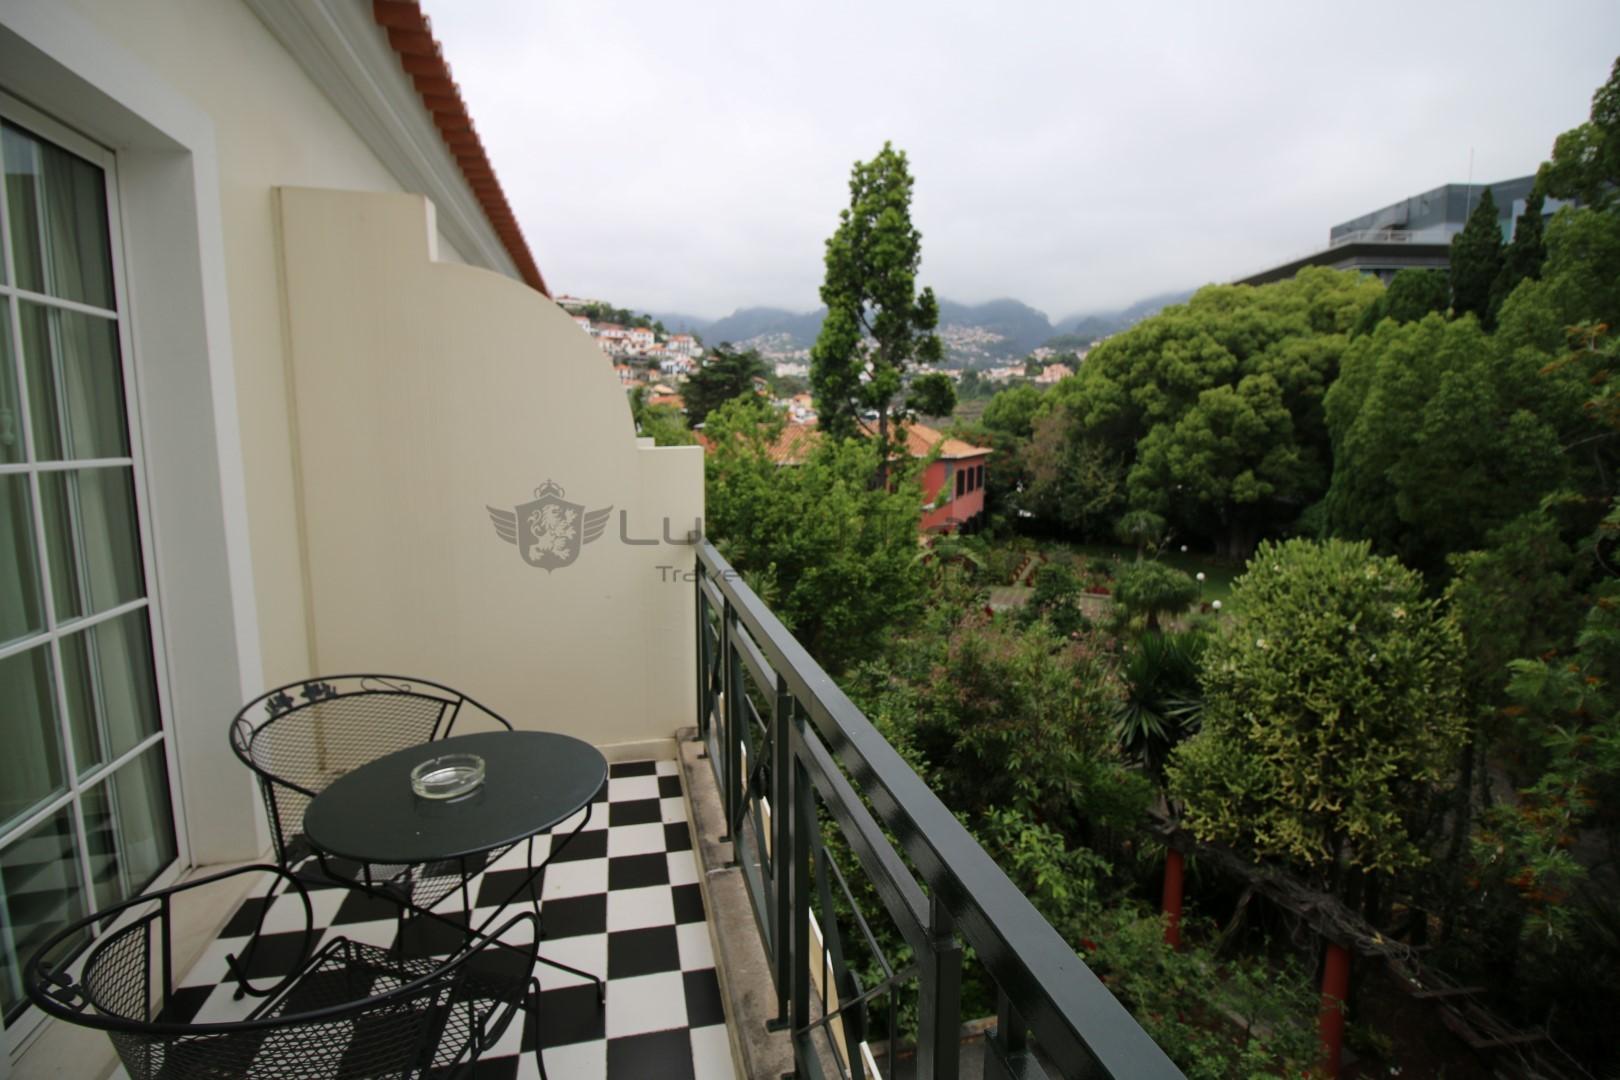 quintinha_sao_joao_funchal_madeira_hotel_balcony